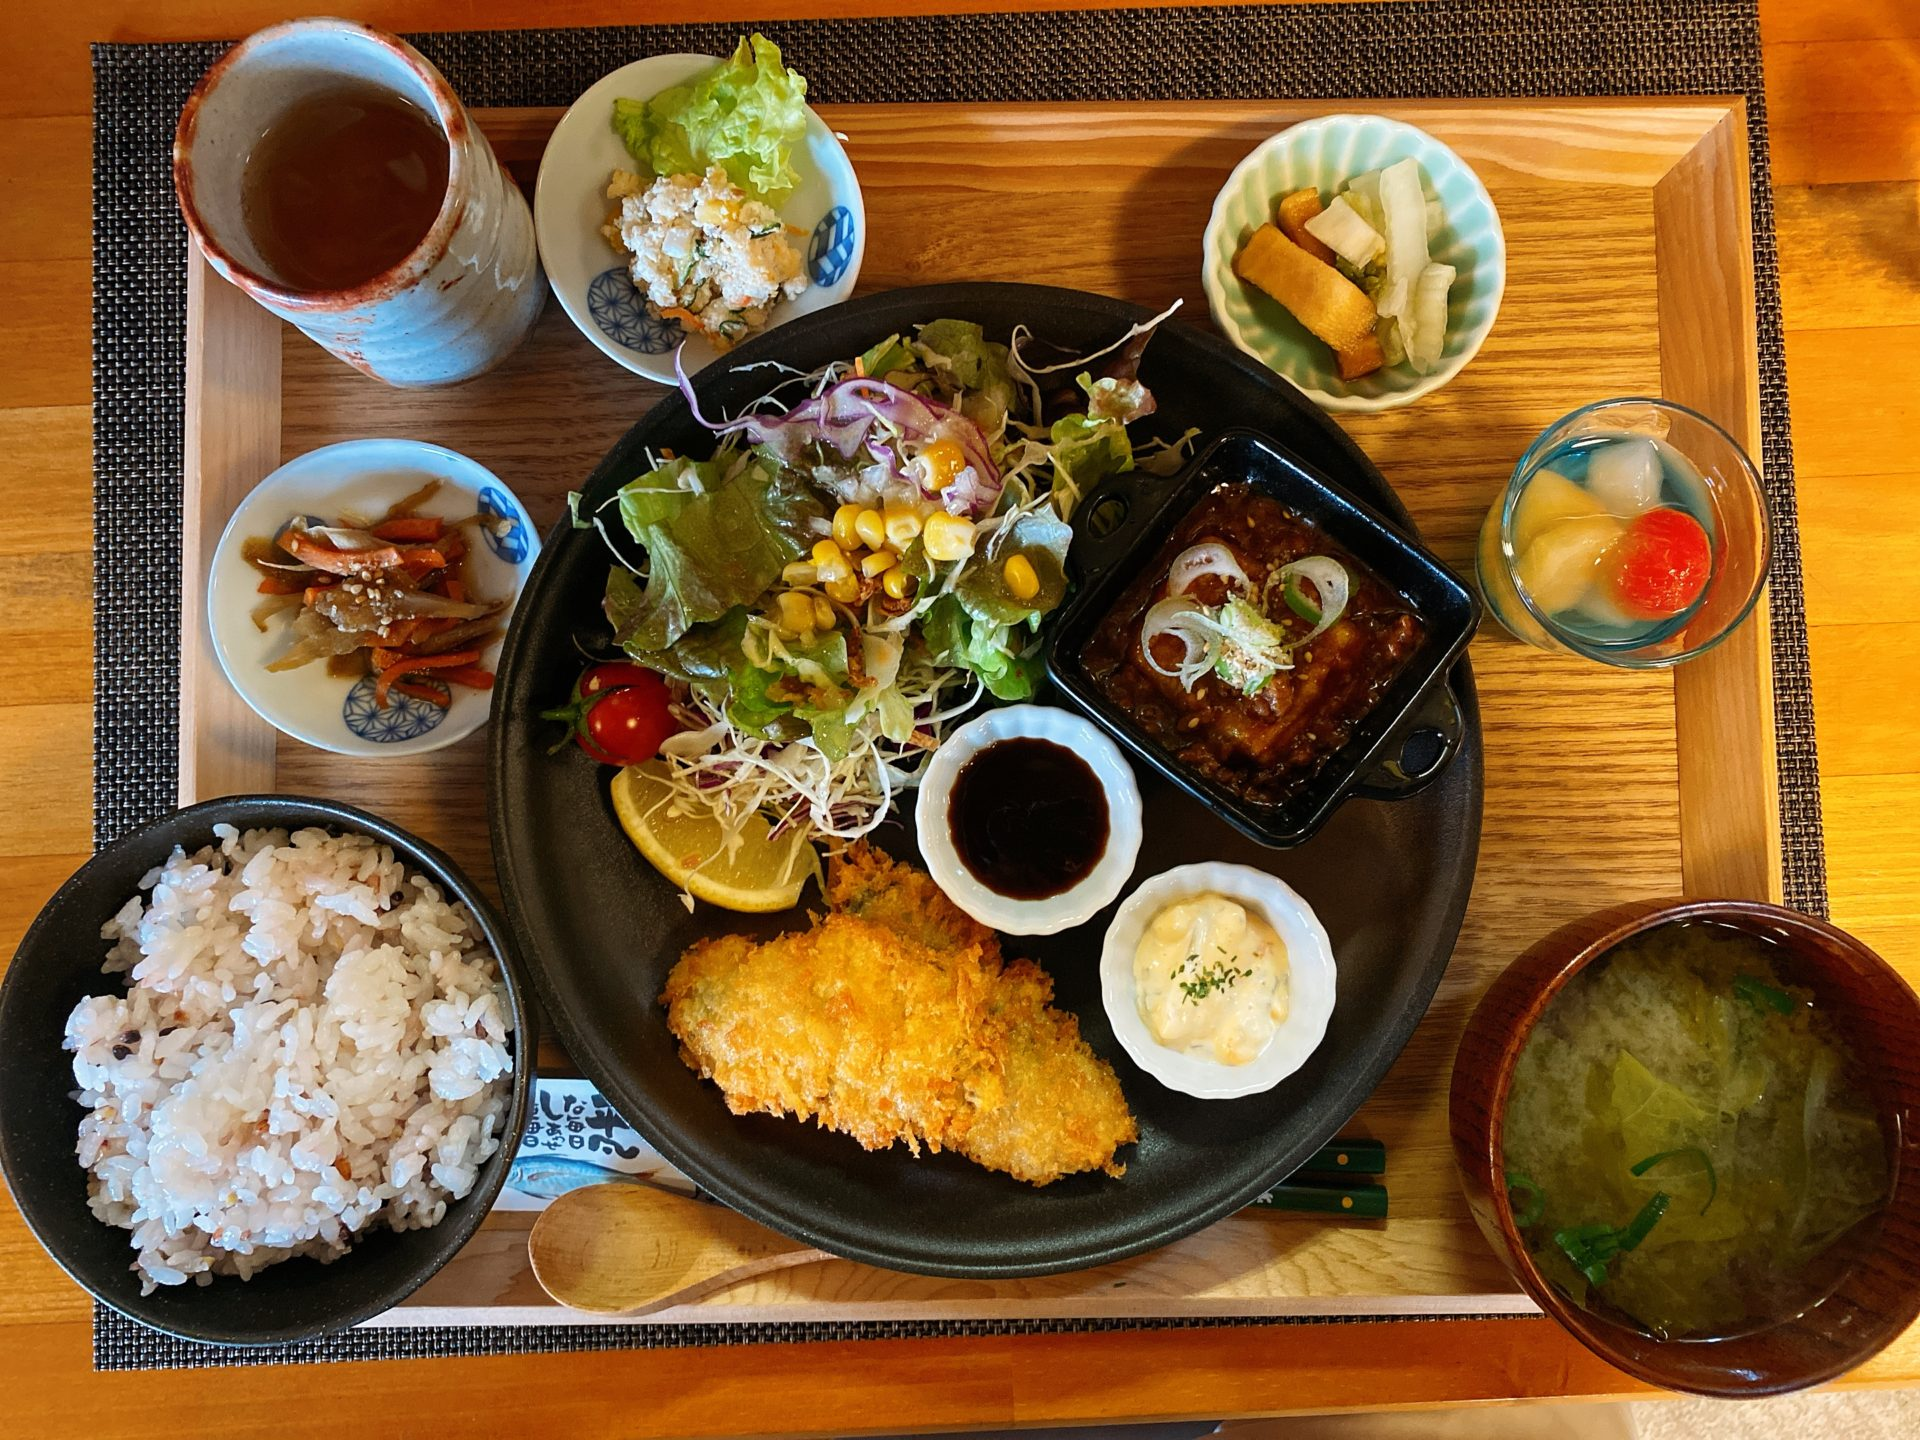 赤磐市 12月オープンの 月うさぎのランチは定食AとBどちらも1000円!味もコスパも雰囲気も良く、おススメできる店です